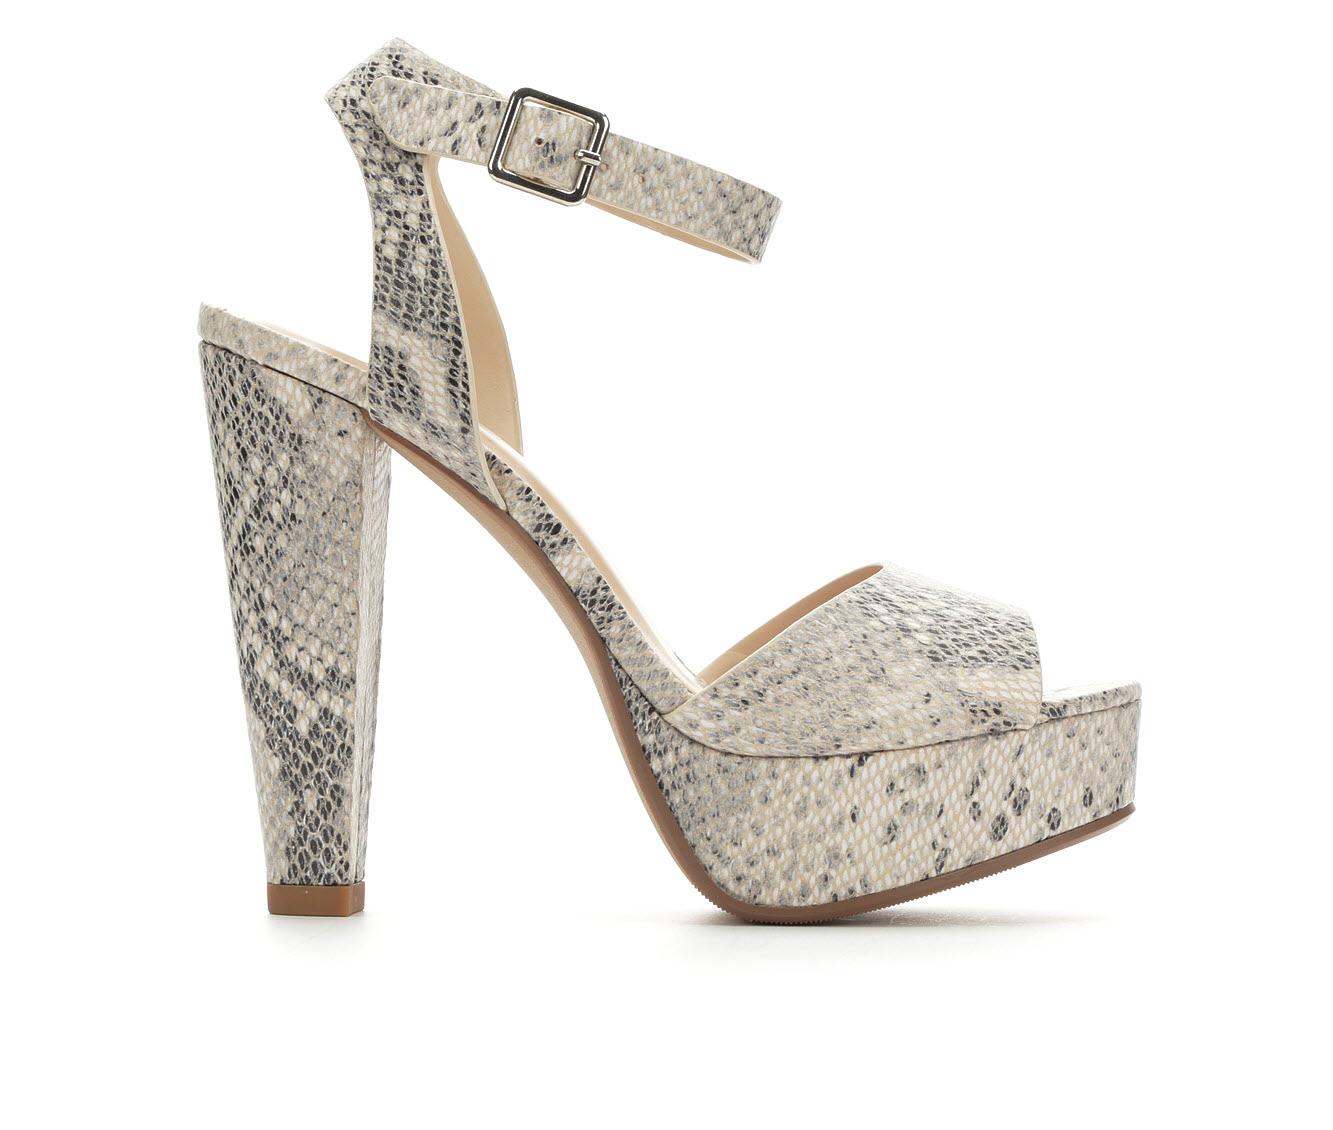 Delicious Purify Women's Dress Shoe (Beige Faux Leather)